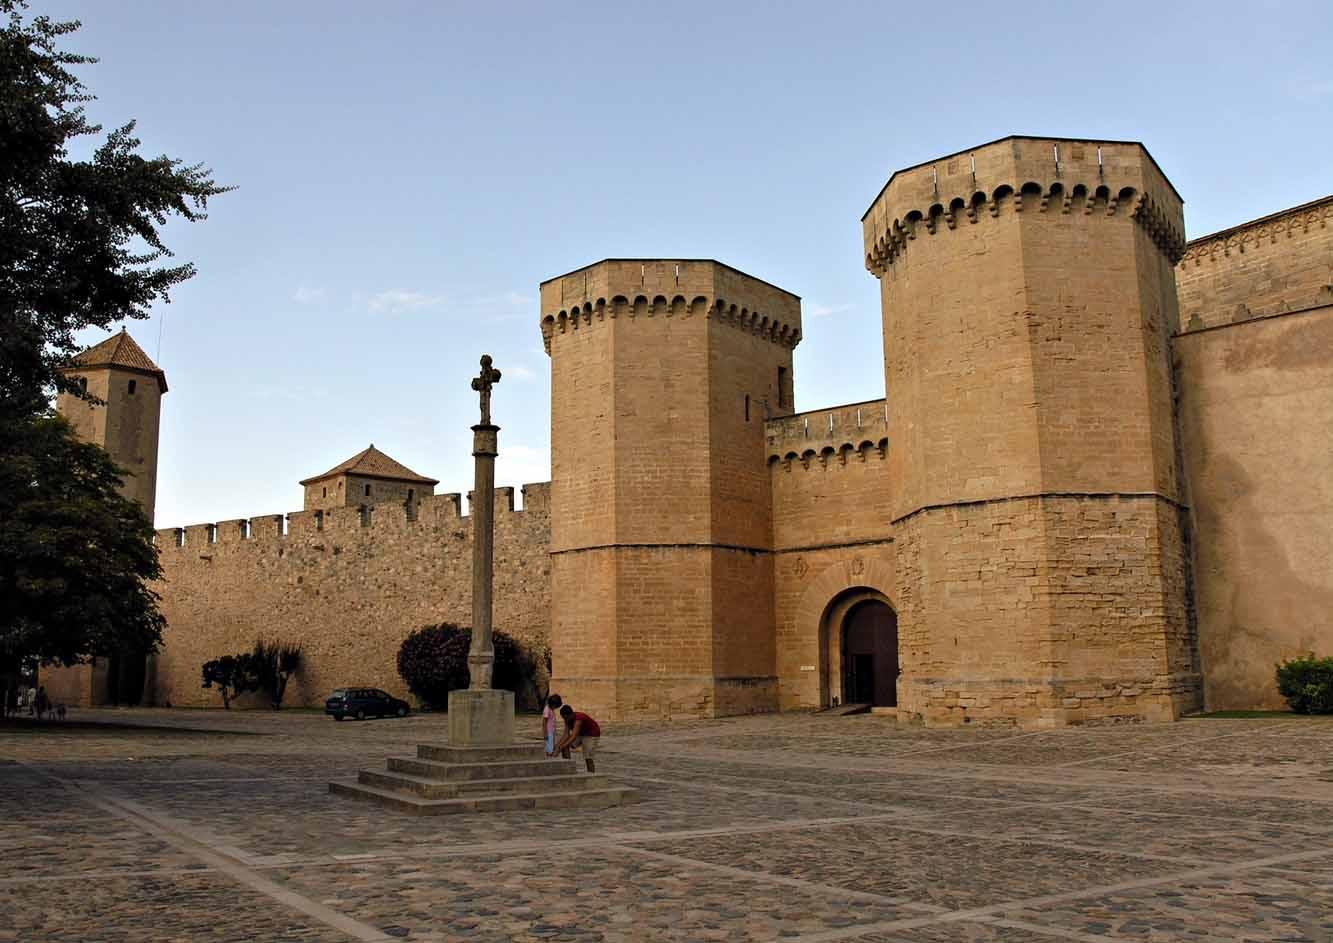 monasterio-de-poblet-puerta-real